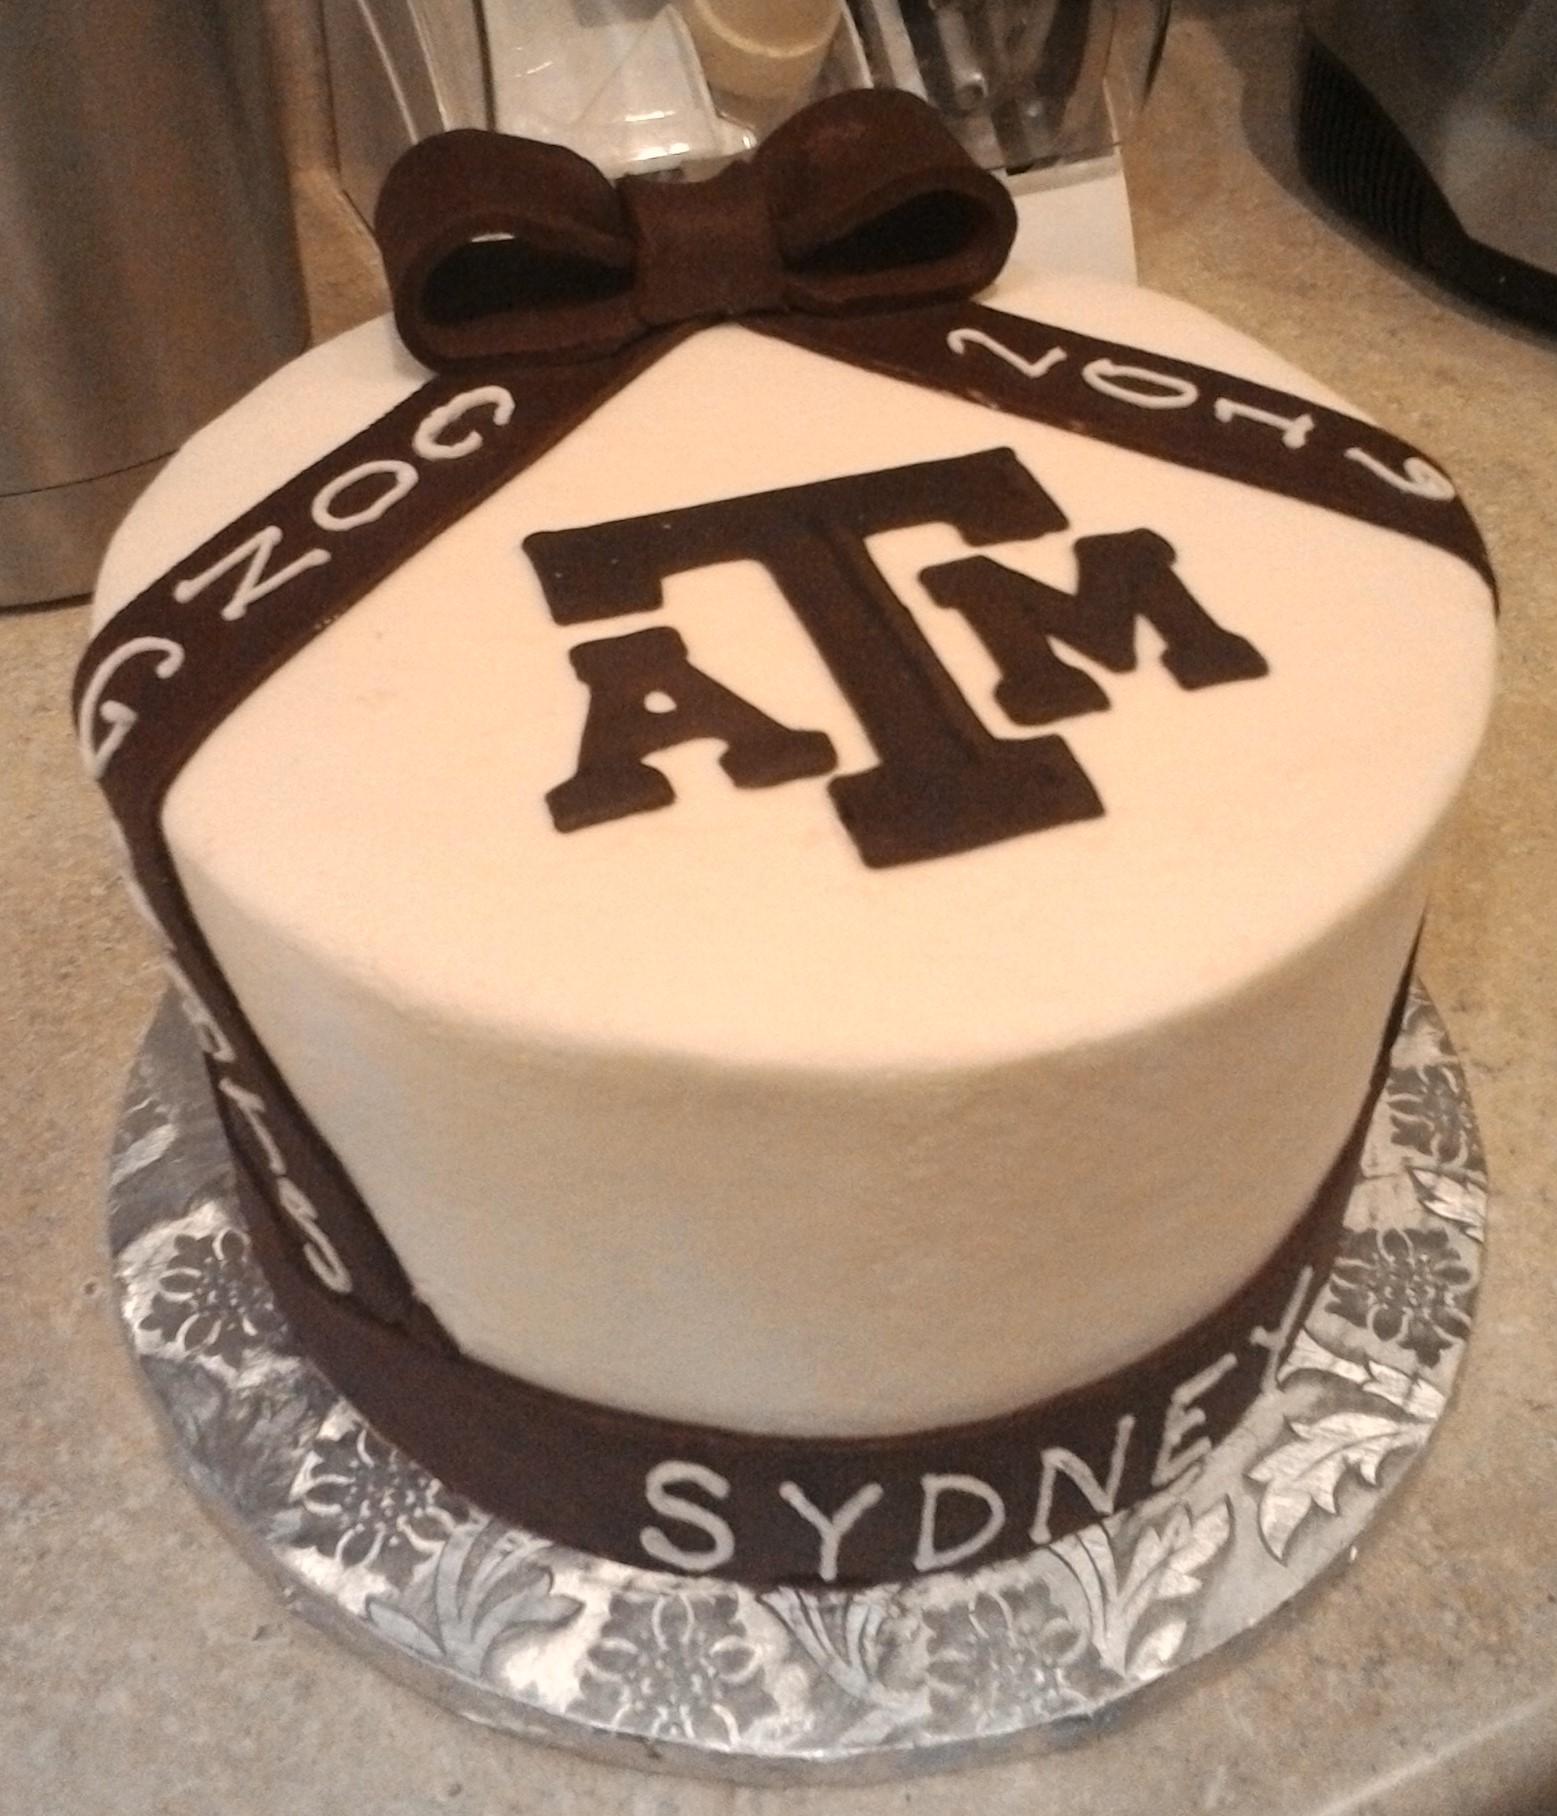 A&M grad cake